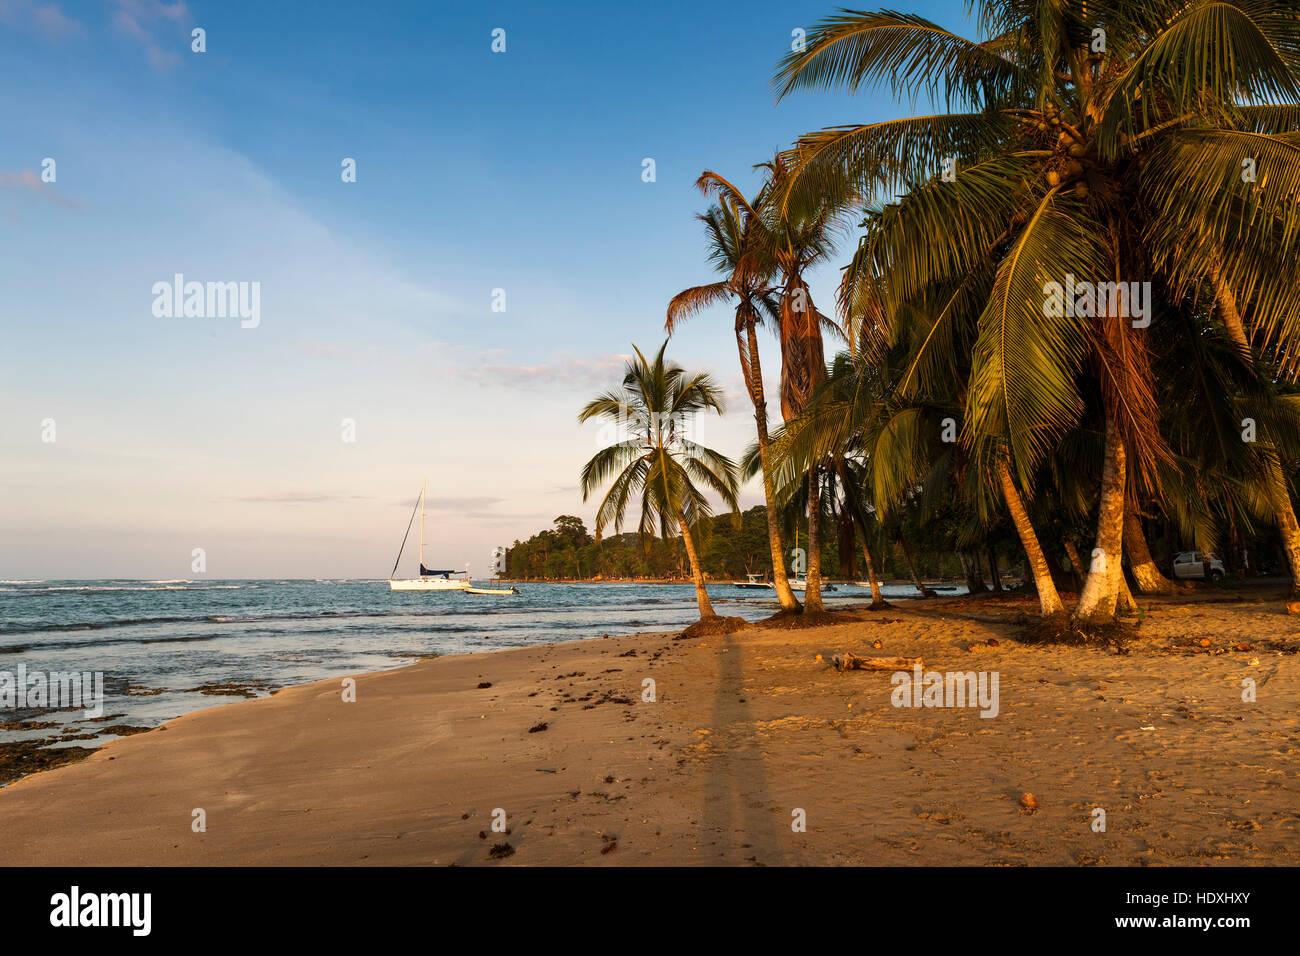 Blick auf einen Strand mit Palmen und Boote in Puerto Viejo de Talamanca, Costa Rica, Mittelamerika Stockbild